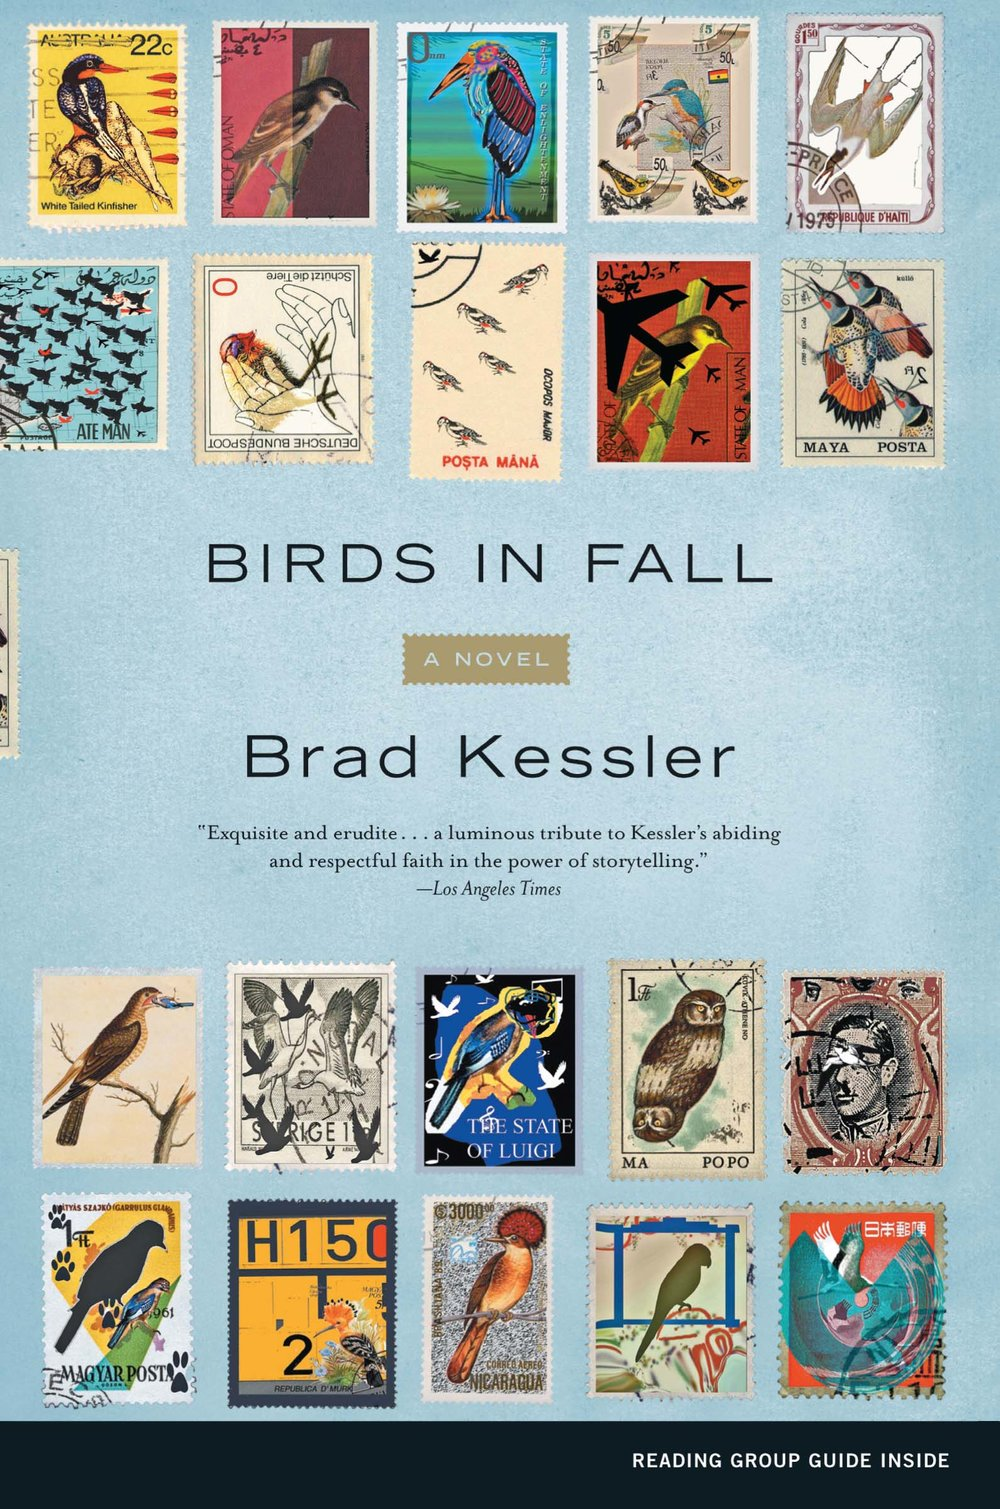 9780743287395.BirdsinFall.jpg